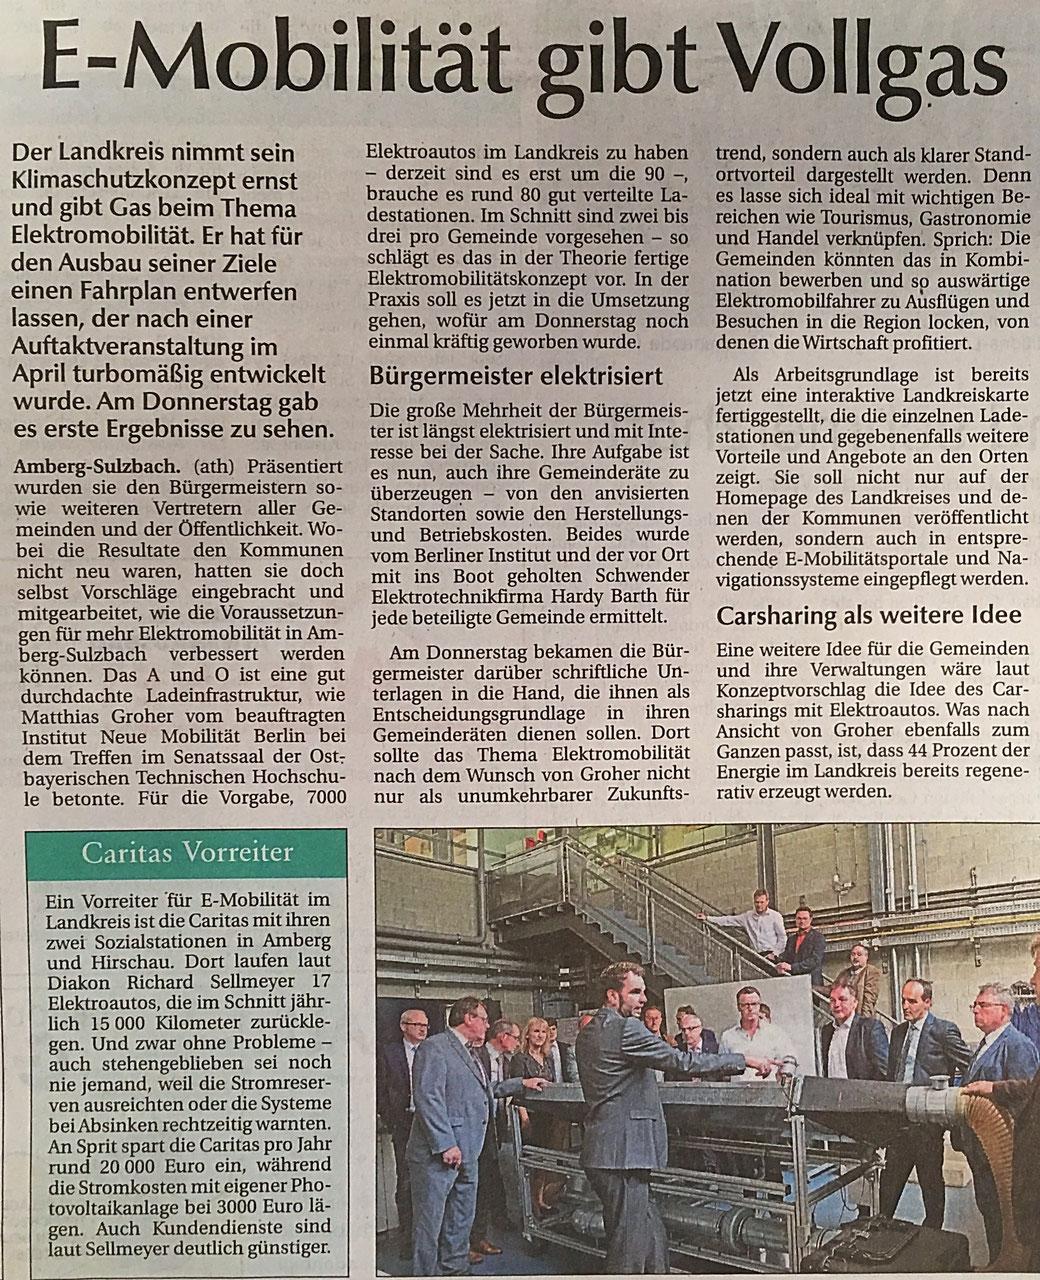 Klaus Hafner CSU Königstein Hirschbach OTH Amberg